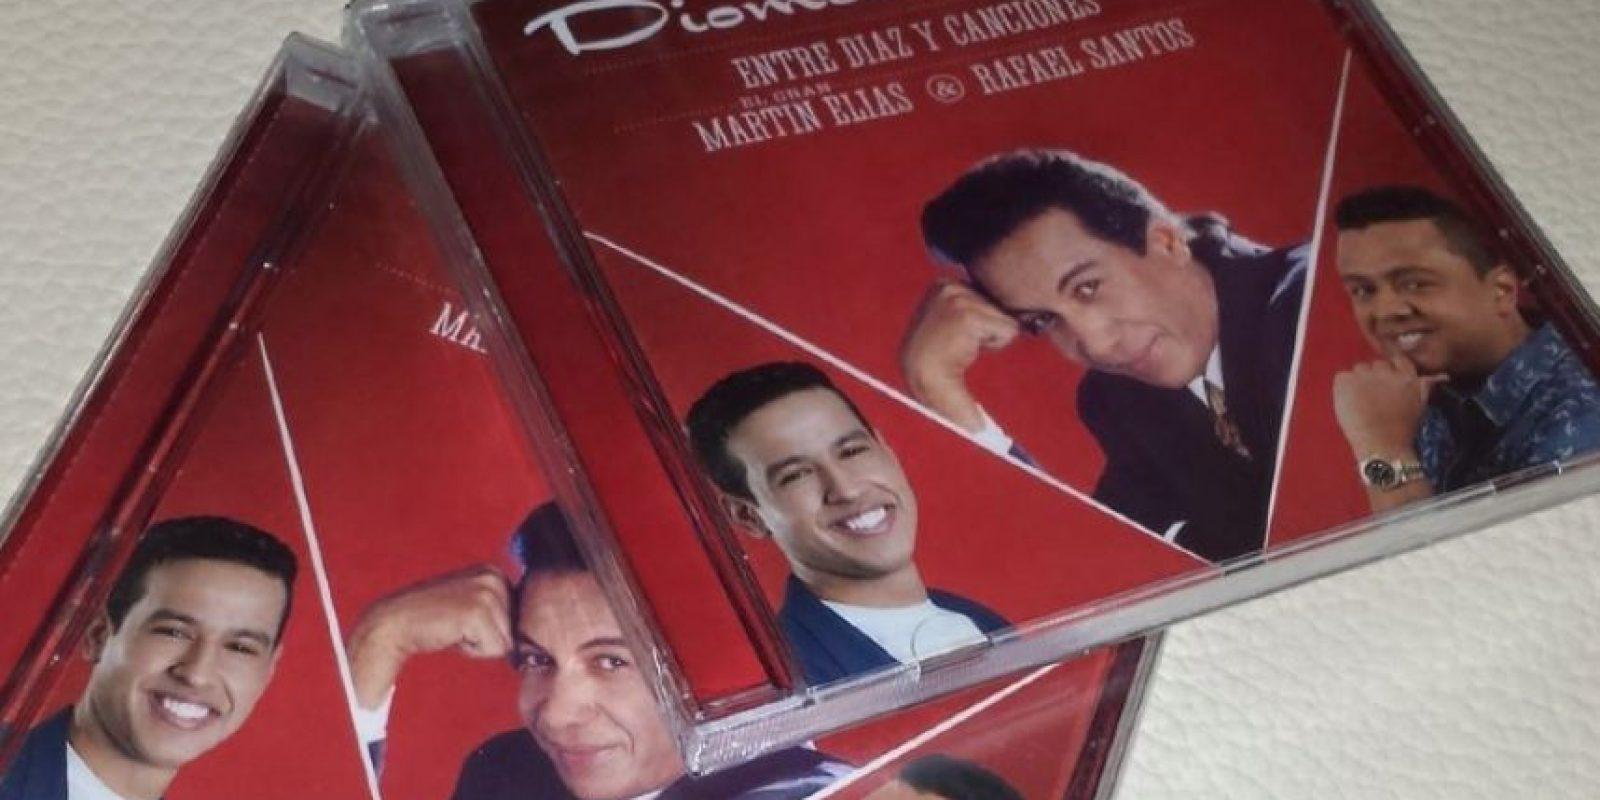 Además lanzaron el disco entre Díaz y canciones. Foto:Facebook Diomedes Díaz